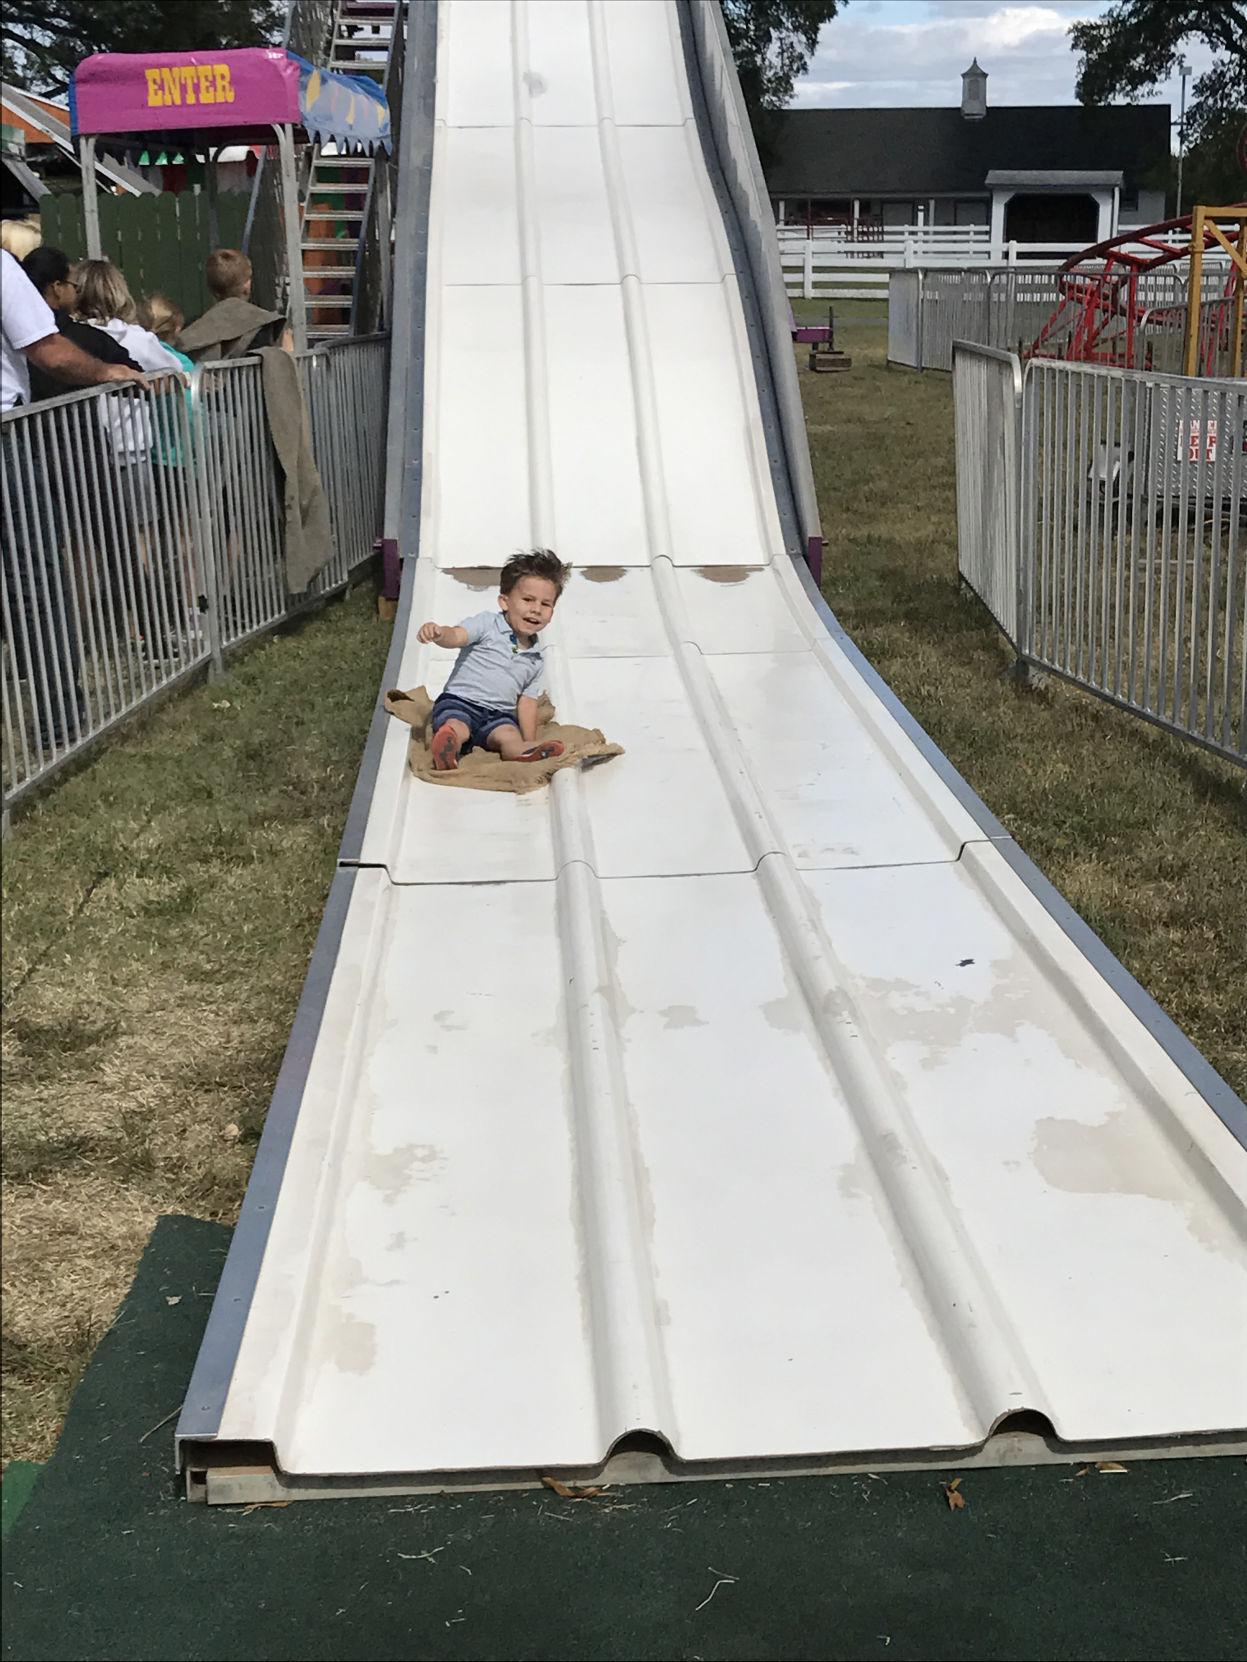 Weekend Fun in Virginia